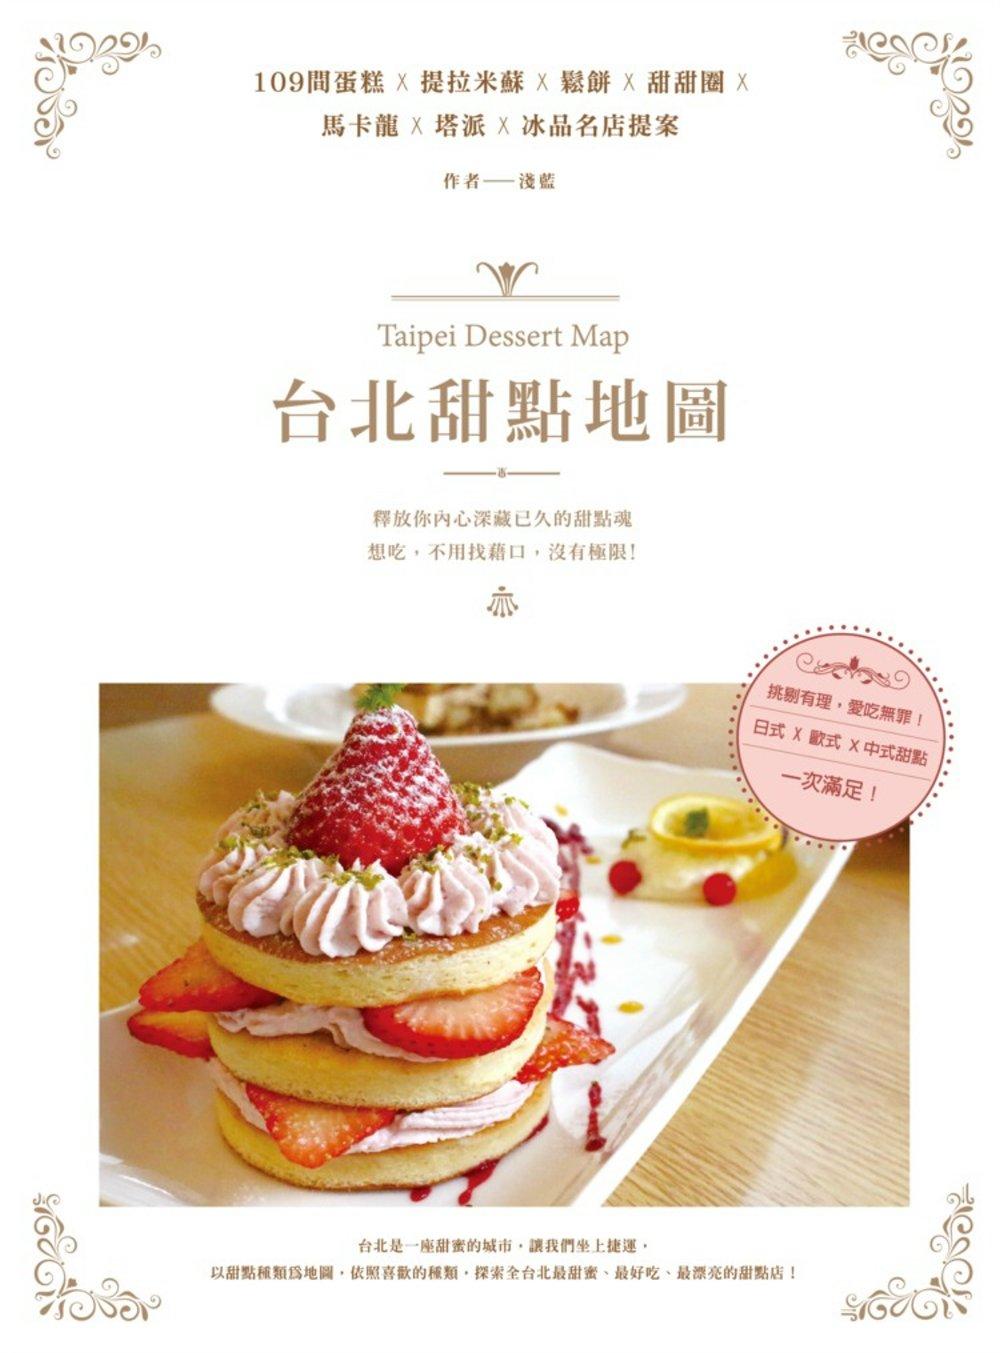 台北甜點地圖:107間蛋糕X提拉米蘇X鬆餅X甜甜圈X馬卡龍X塔派X冰品名店提案